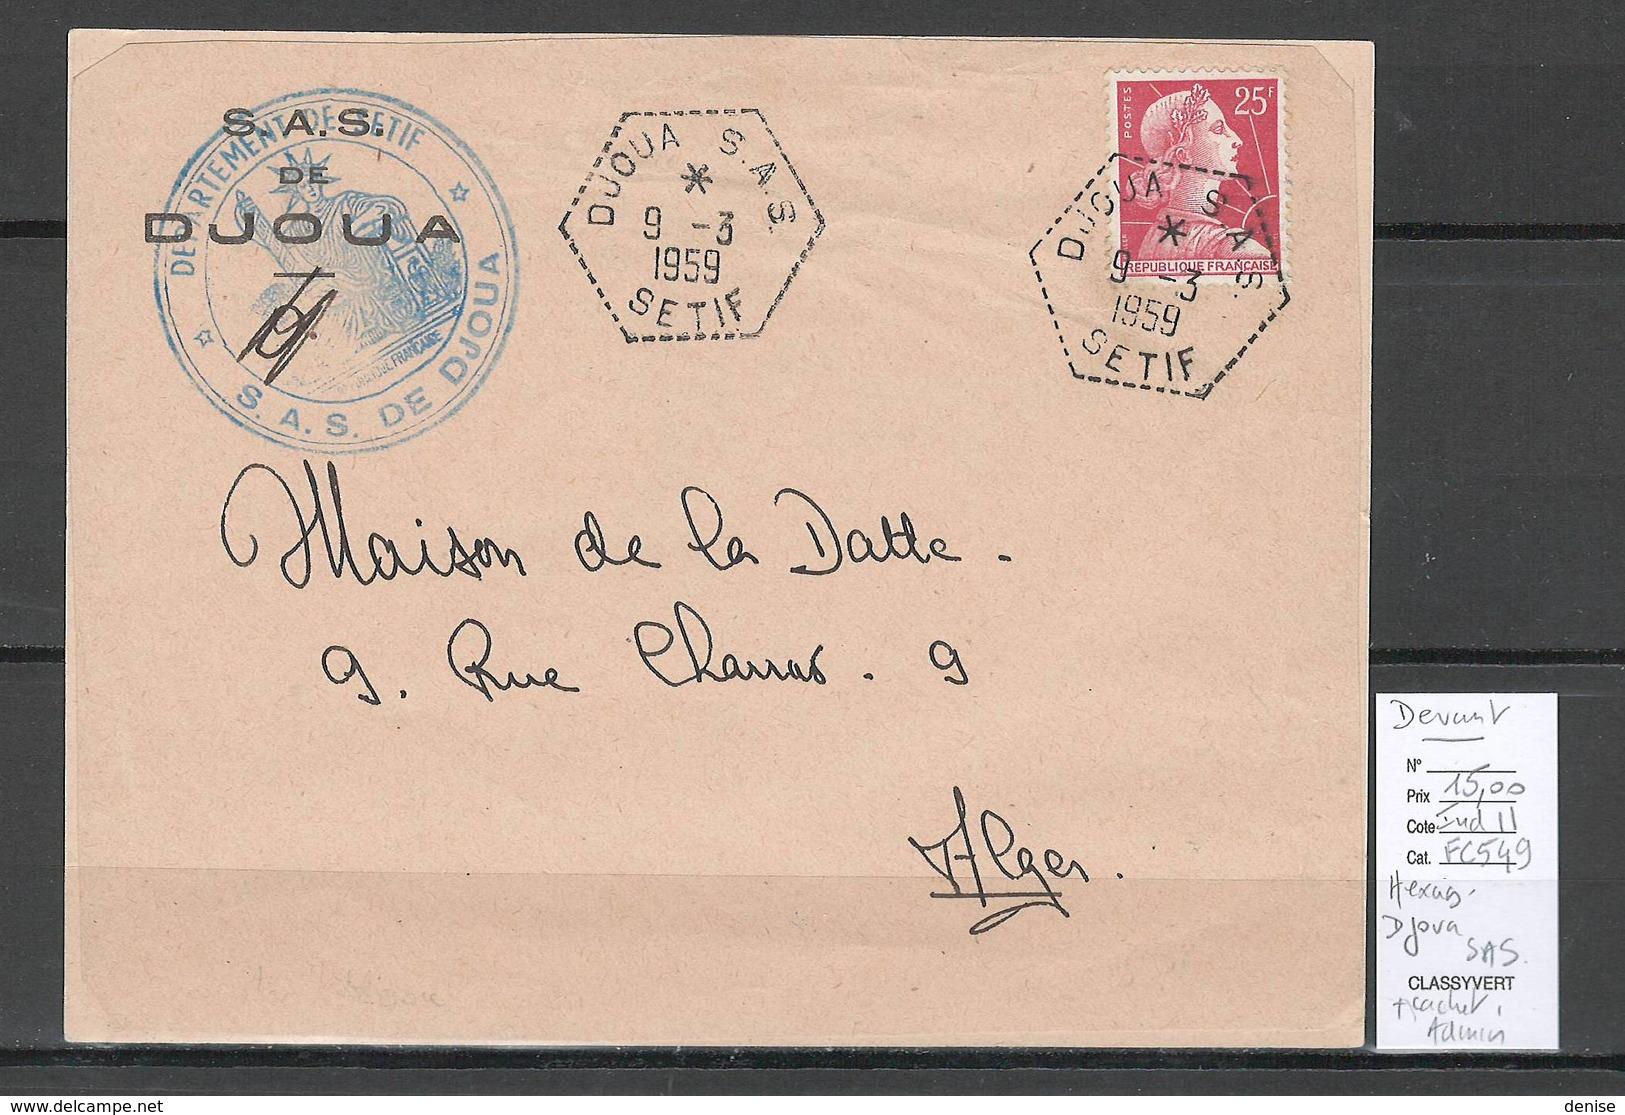 Algerie - Devant De Lettre  - Cachet Hexagonal DJOUA SAS -  Marcophilie - Algeria (1924-1962)